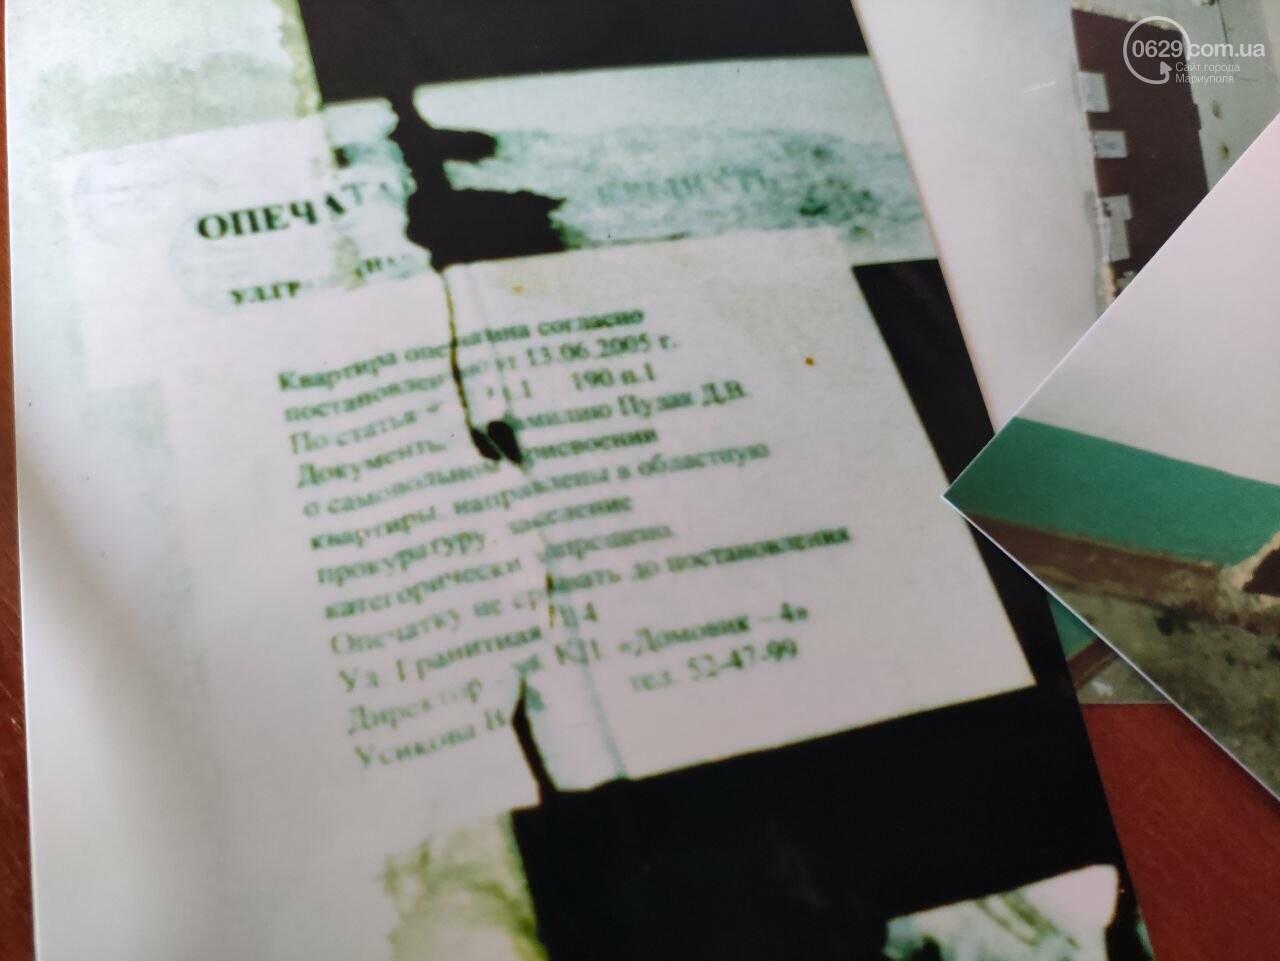 15 лет в розыске. Как в Мариуполе отобрали квартиру исчезнувшей девушки, - ДОКУМЕНТЫ, фото-2